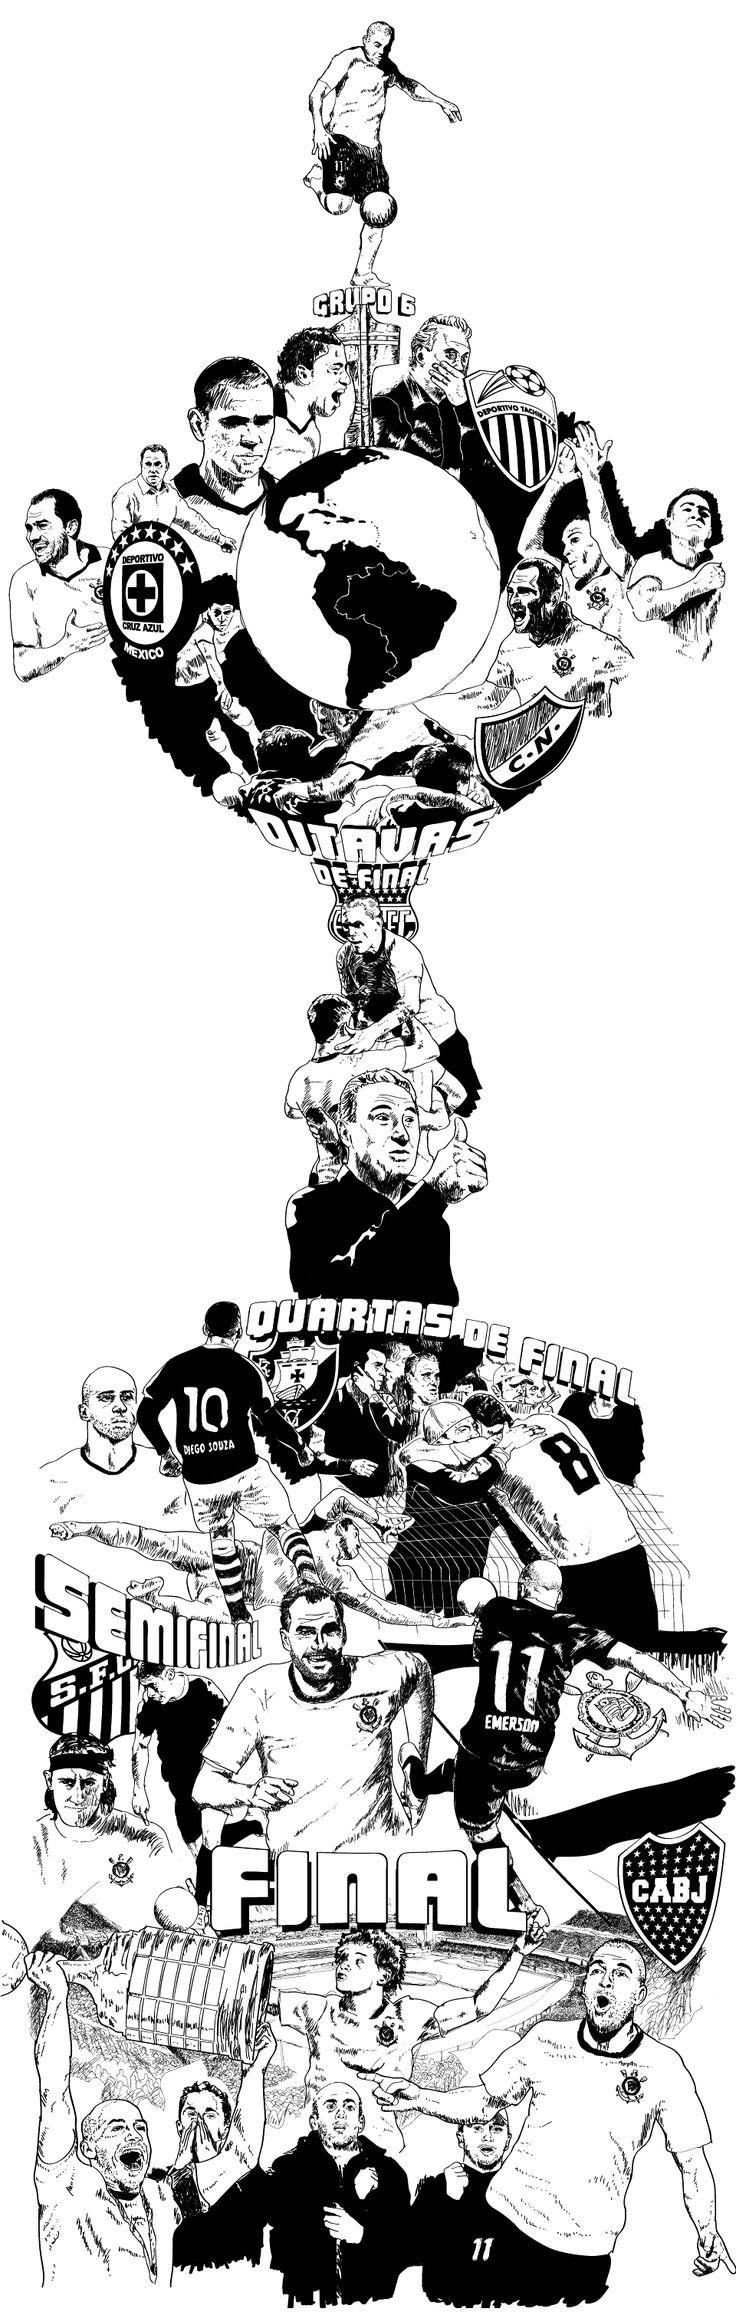 Especial em HQ do título do Corinthians da Libertadores 2012